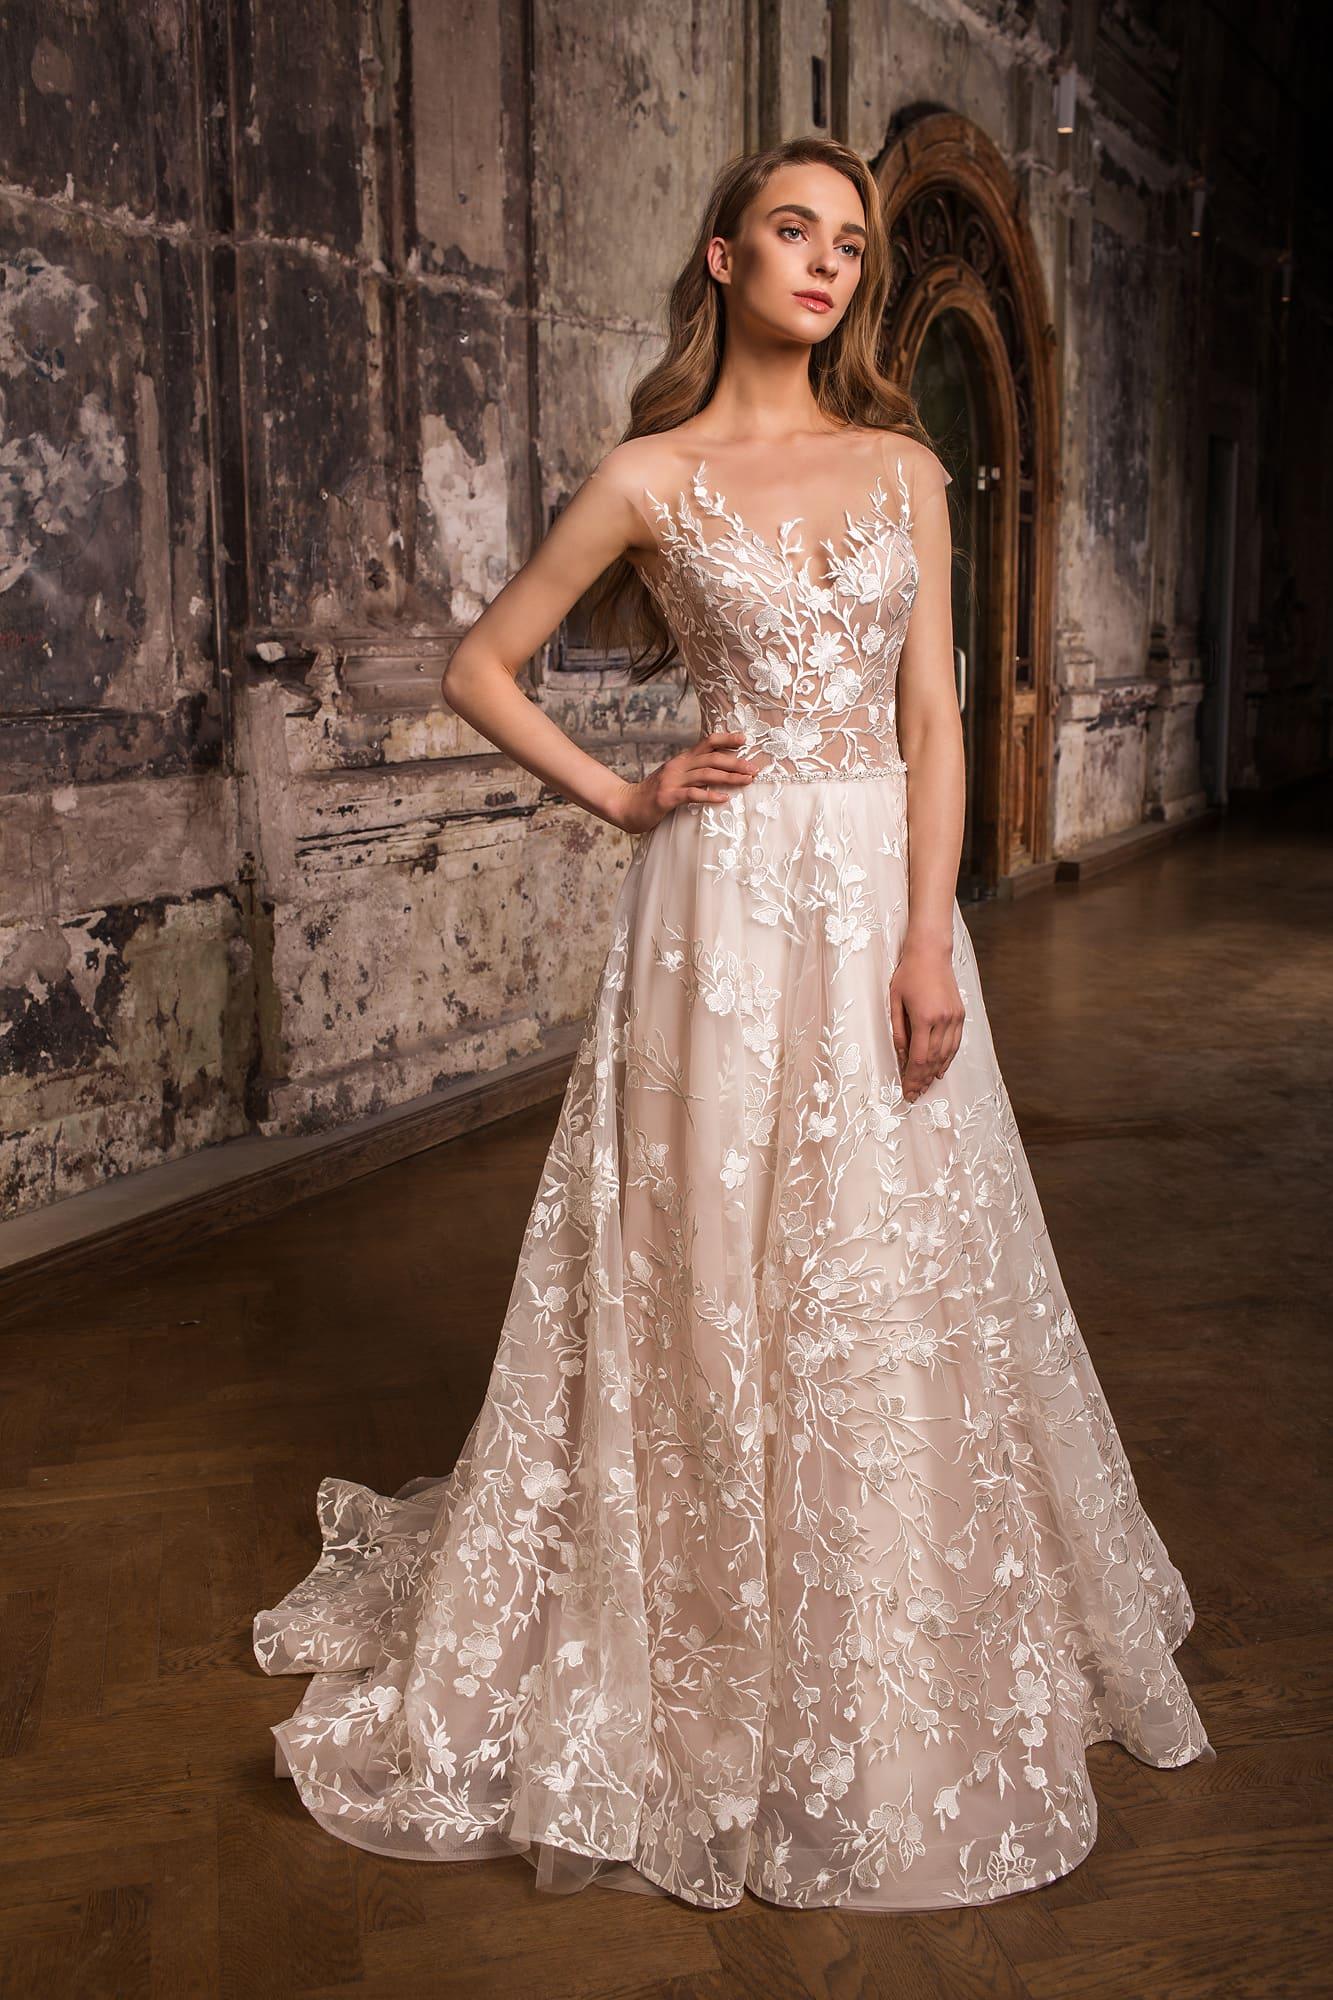 81eff4d580a Сохранить Сохранено Выбираем платье невесты  главные тенденции свадебной  моды 2018